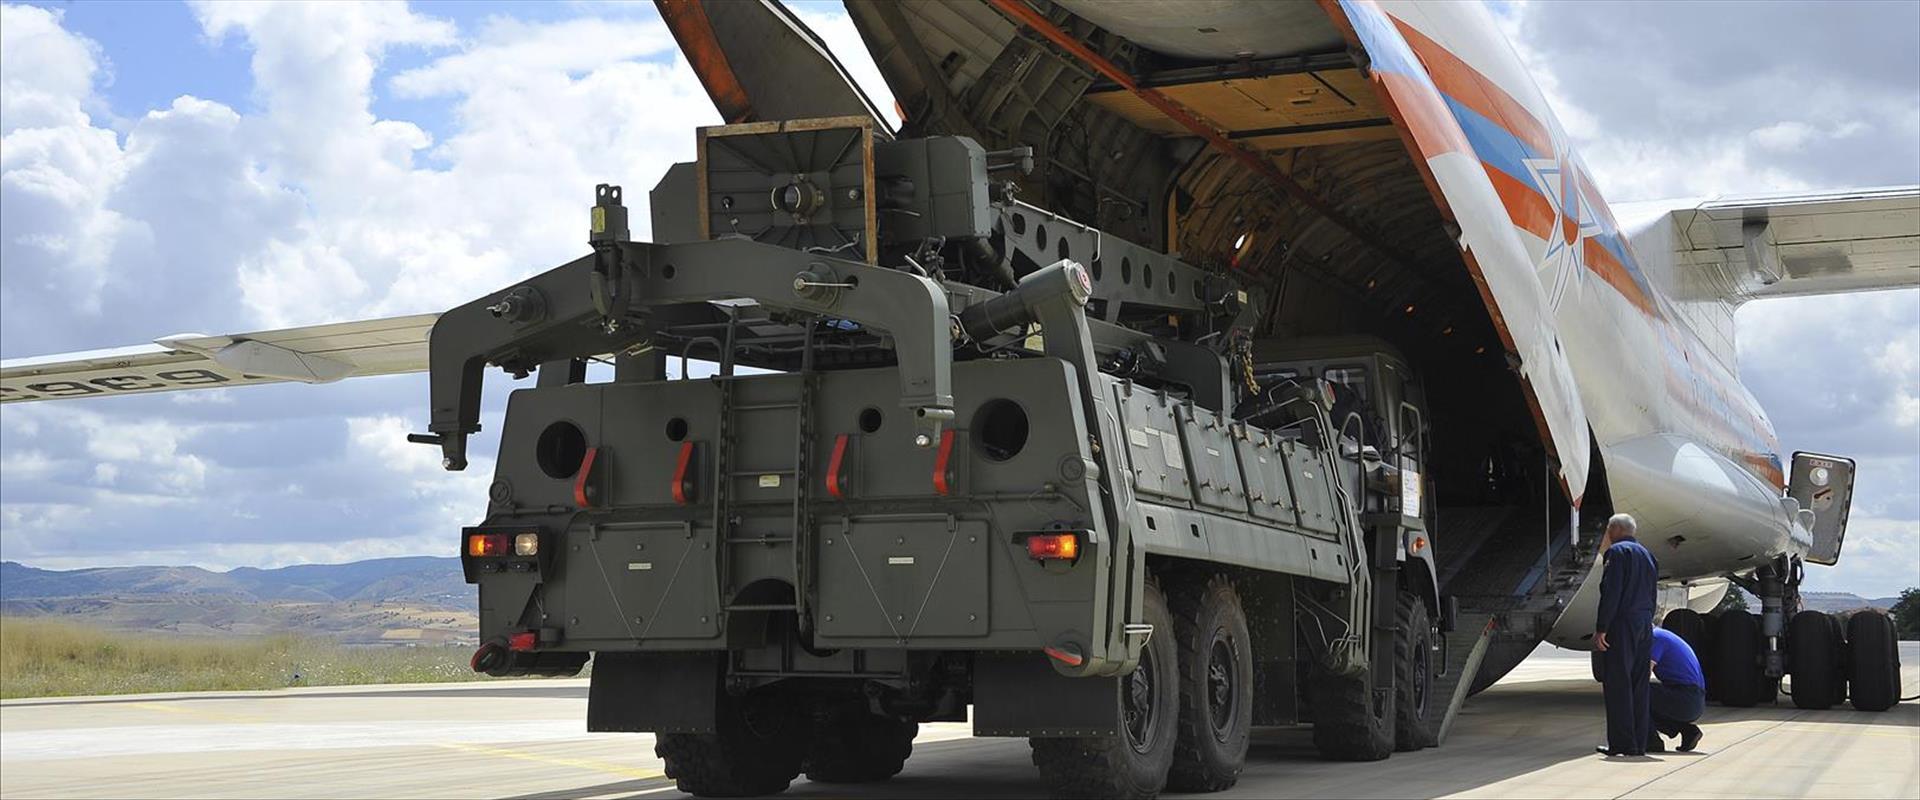 מערכת הגנה אווירית רוסית מדגם S-400